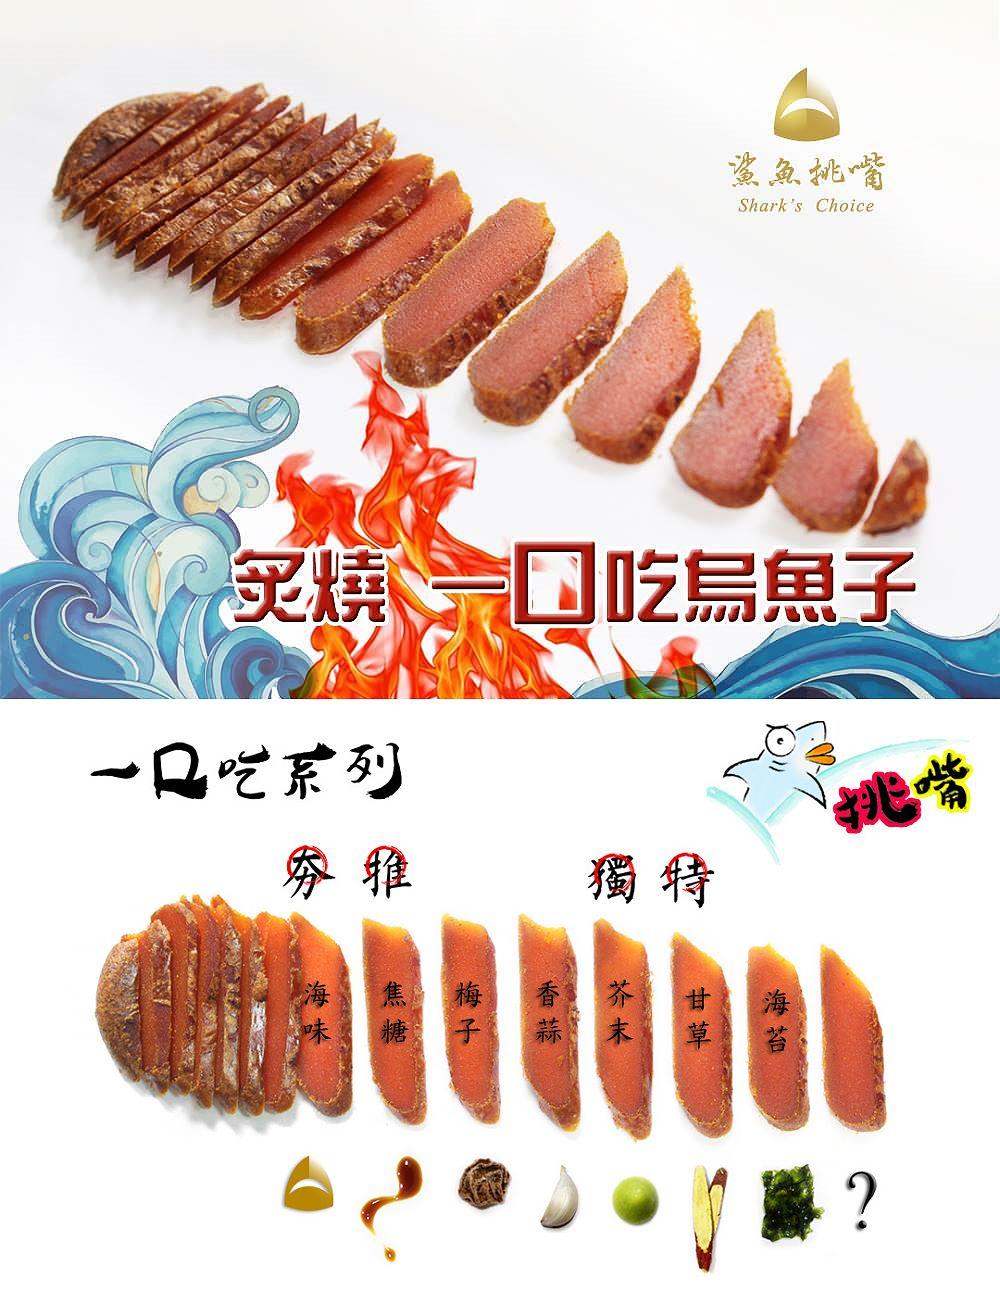 20200604135245 90 - 熱血採訪 | 隱藏在巷弄內的烏魚子肉粽今年又開始了,一年只做這一檔的鯊魚挑嘴肉粽!